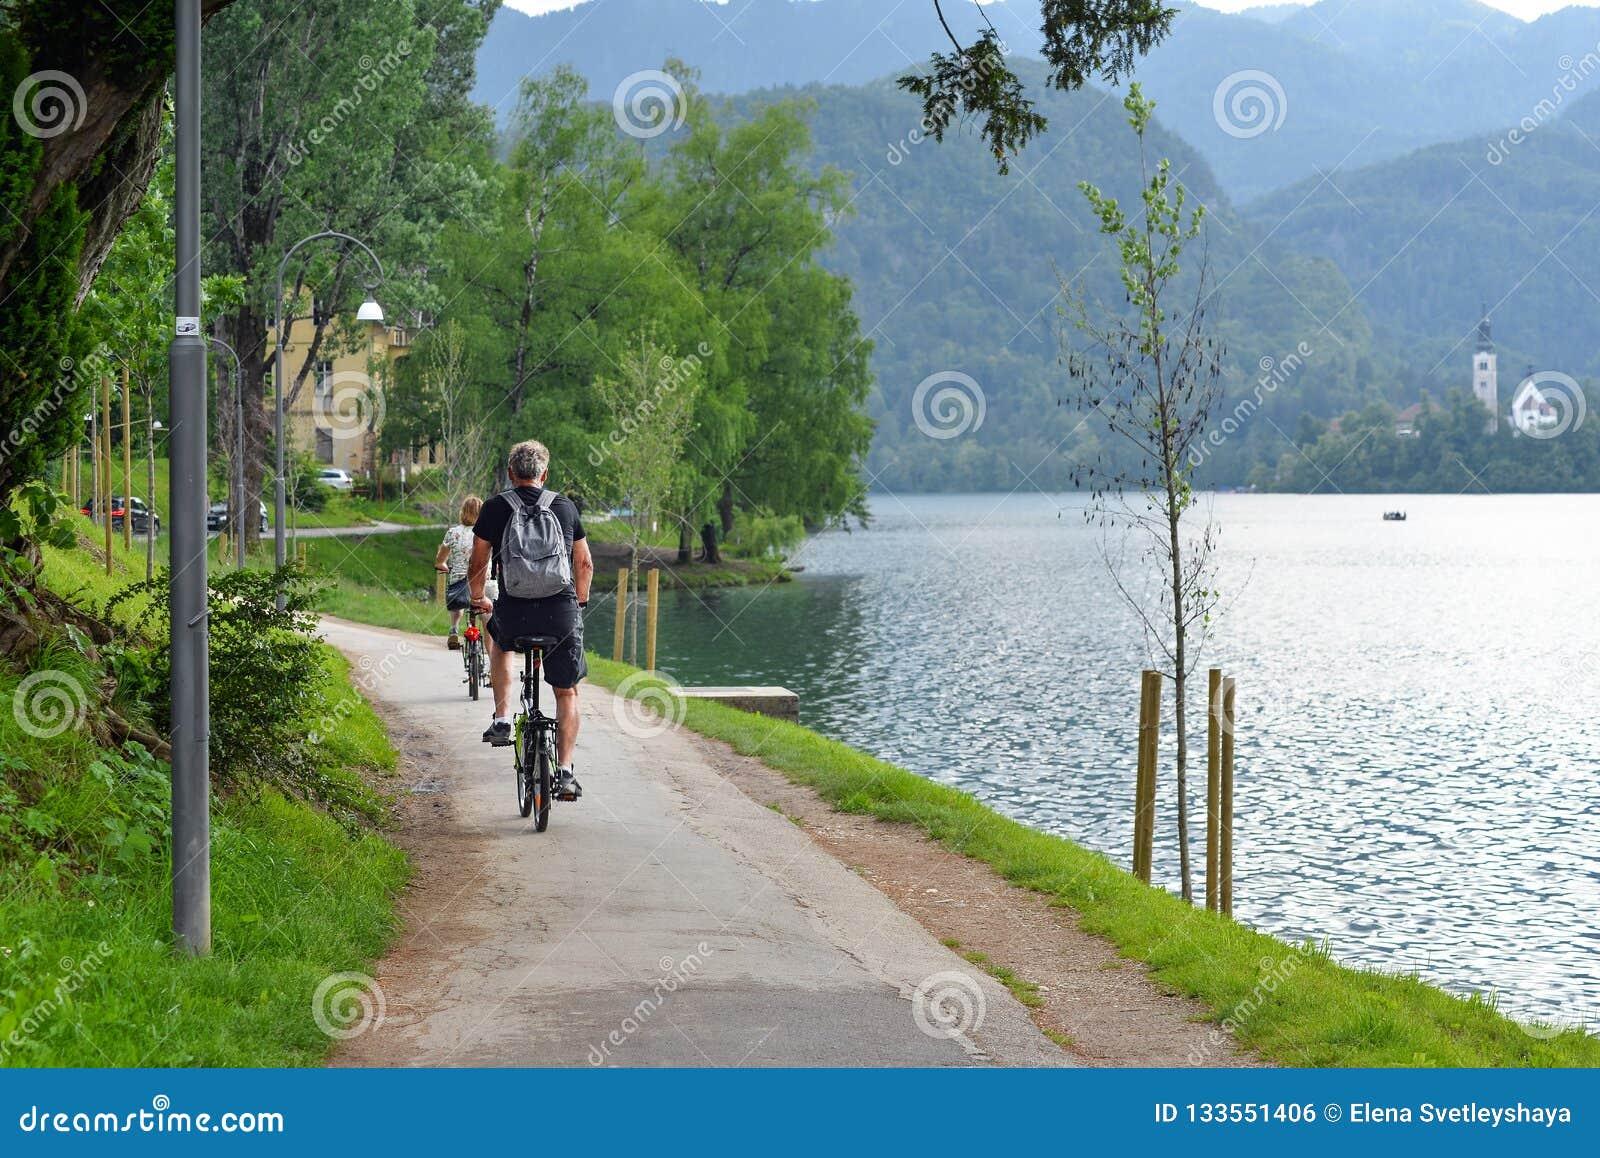 Het mooie Meer tapte in de Bergen van Julian Alps en het cirkelen van de toerist, het duidelijke meer van het aquamarijnwater en